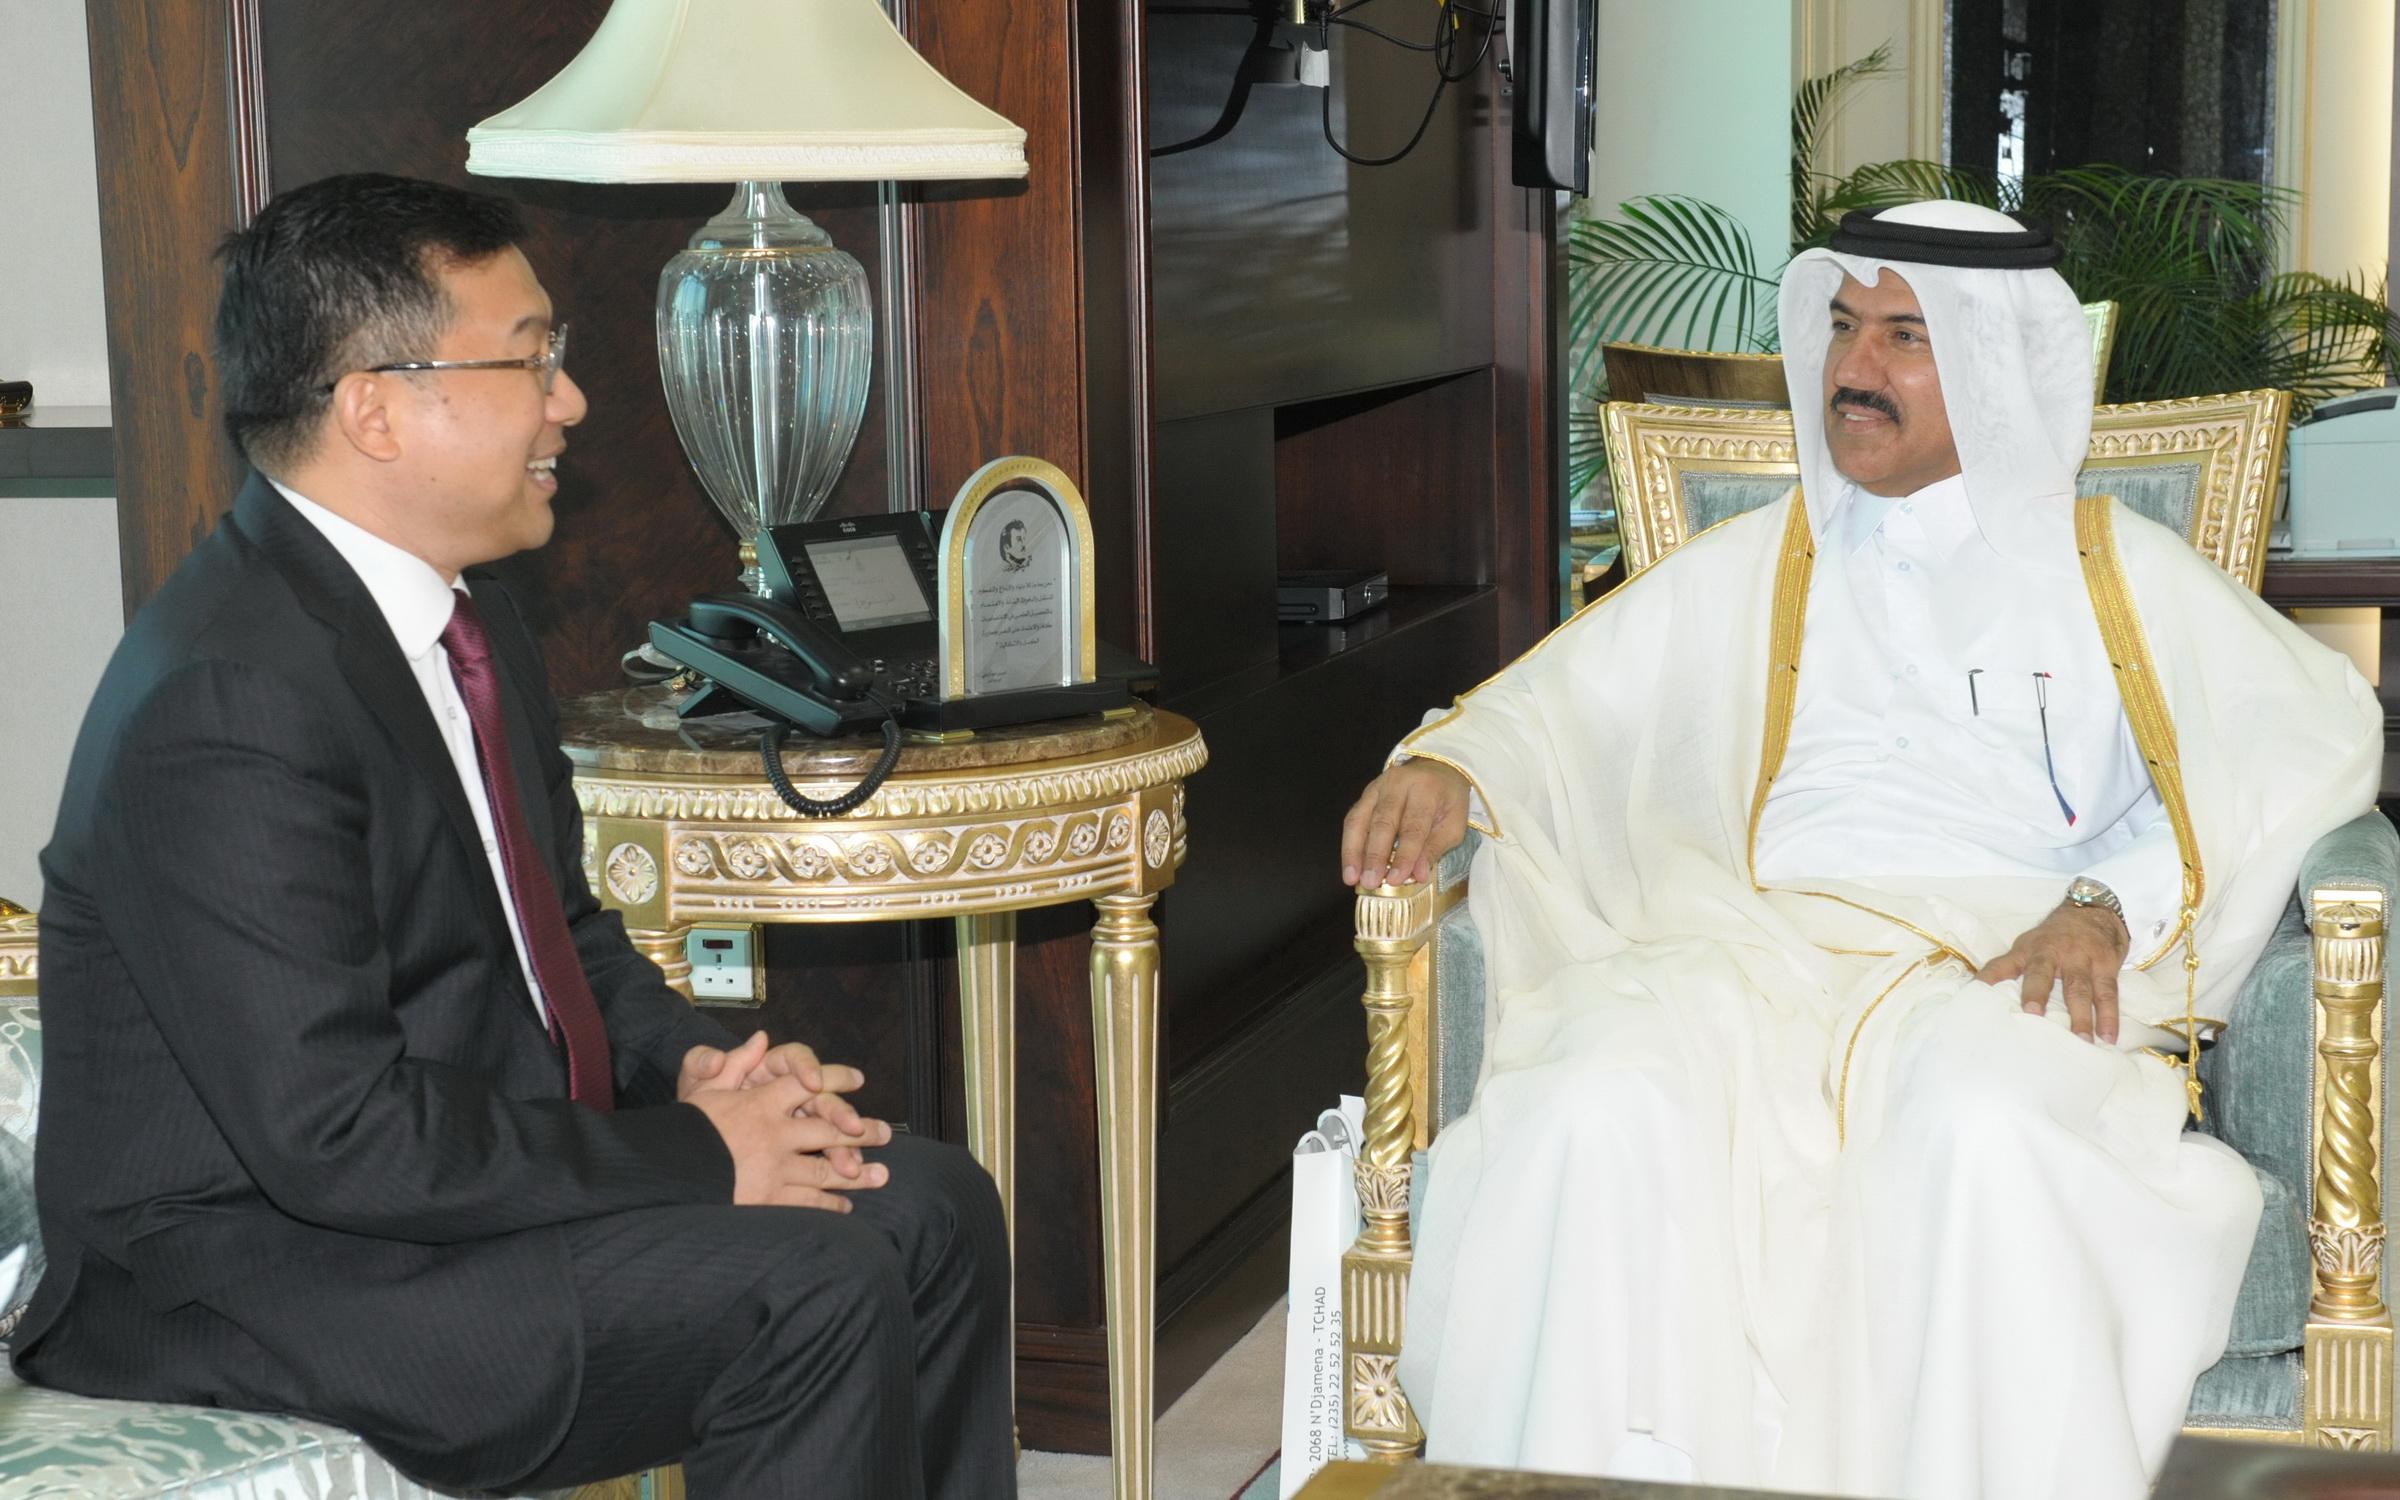 الأمين العام لوزارة الخارجية يتسلم نسخة من أوراق اعتماد سفراء استراليا وأفغانستان والصين